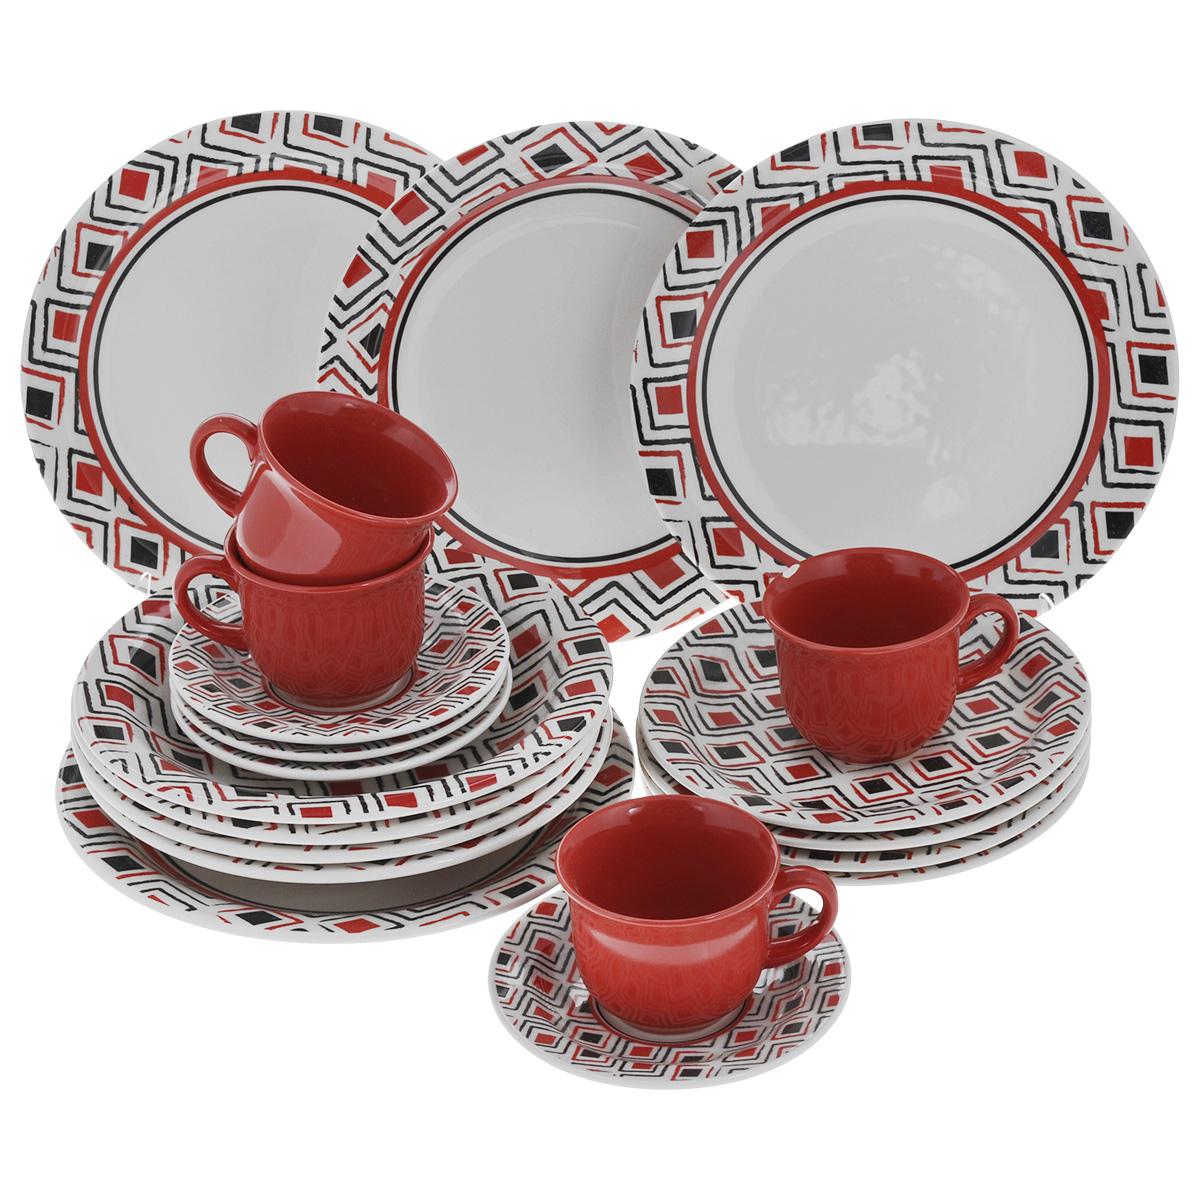 Набор столовый Biona Marajo, 20 предметов6752MARAJO-5Столовый набор Biona Marajo состоит из 4 обеденных тарелок, 4 суповых тарелок, 4 десертных тарелок, 4 блюдец и 4 кружек. Изделия выполнены из высококачественной экологически чистой керамики, которая изготавливается путем спекания глин с минеральными добавками. В качестве покрытия используется глазурь, что подтверждено сертификатами качества и соответствует всем международным санитарным нормам. Изделия оформлены красивым геометричным рисунком, который наносится исключительно вручную. Еще одной особенностью марки является использование экологически чистой упаковки - эксклюзивный деревянный ящик с соломой внутри. Посуда легко моется в посудомоечных машинах, термостойкая (пищу можно подогреть в микроволновой печи, в духовом шкафу). Диаметр обеденной тарелки: 26 см. Диаметр суповой тарелки: 23 см. Диаметр десертной тарелки: 20 см. Диаметр блюдца: 15 см. Объем чашки: 200 мл. Диаметр чашки (по верхнему краю): 9 см. Высота чашки:...